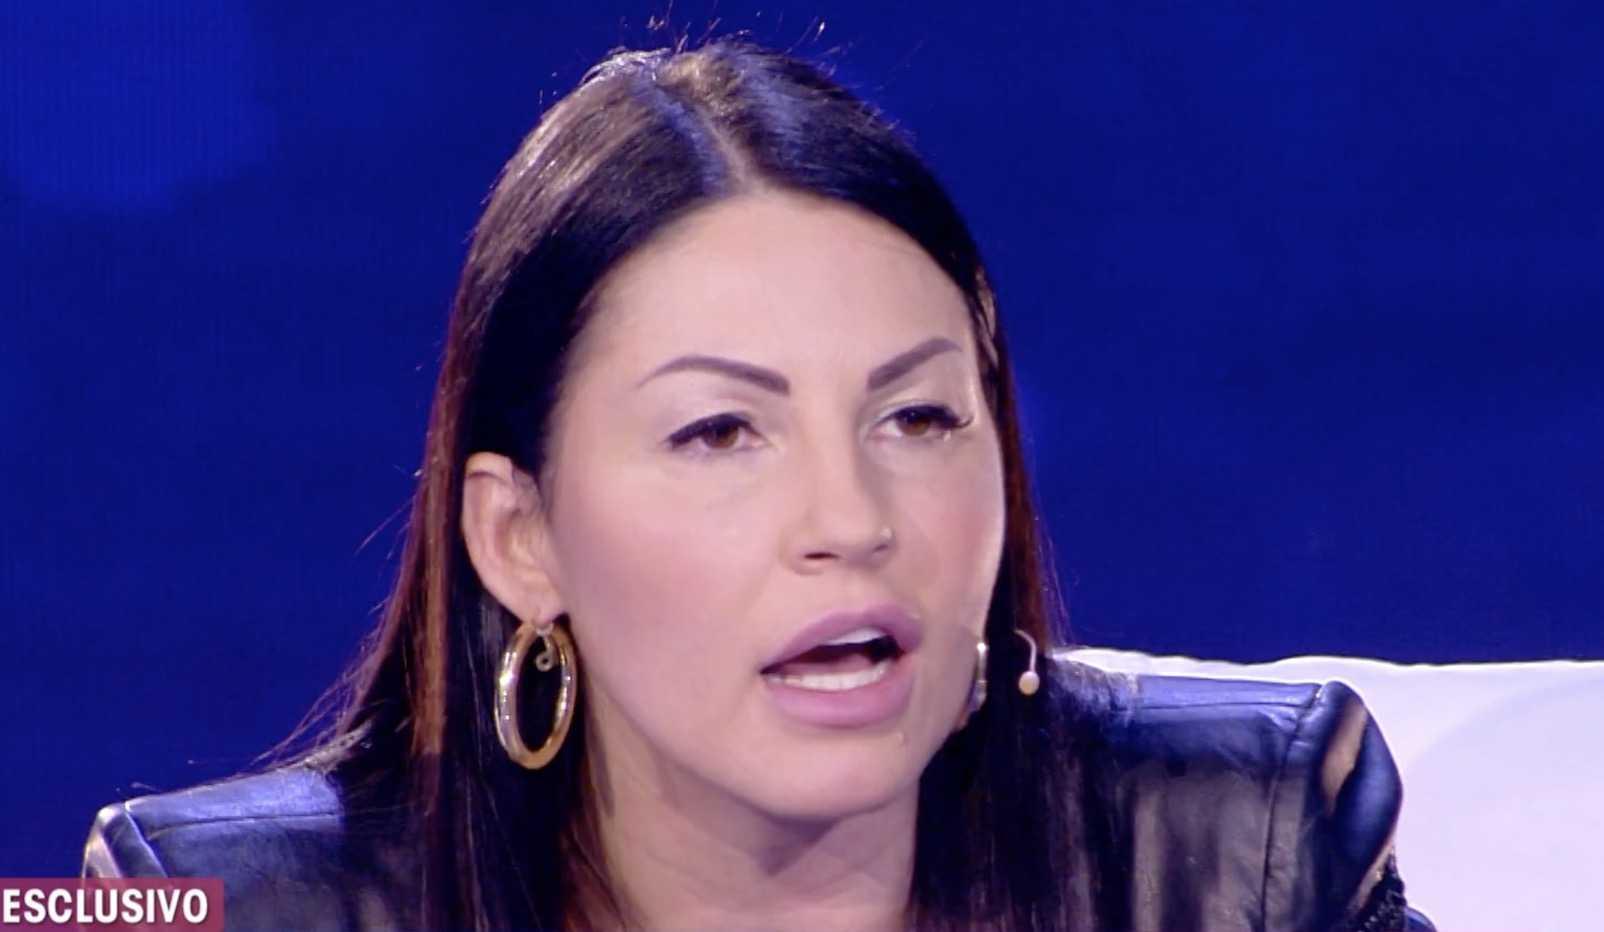 Nozze Pamela Prati, Eliana Michelazzo rivela: 'Mark Caltagirone potrebbe non esistere'